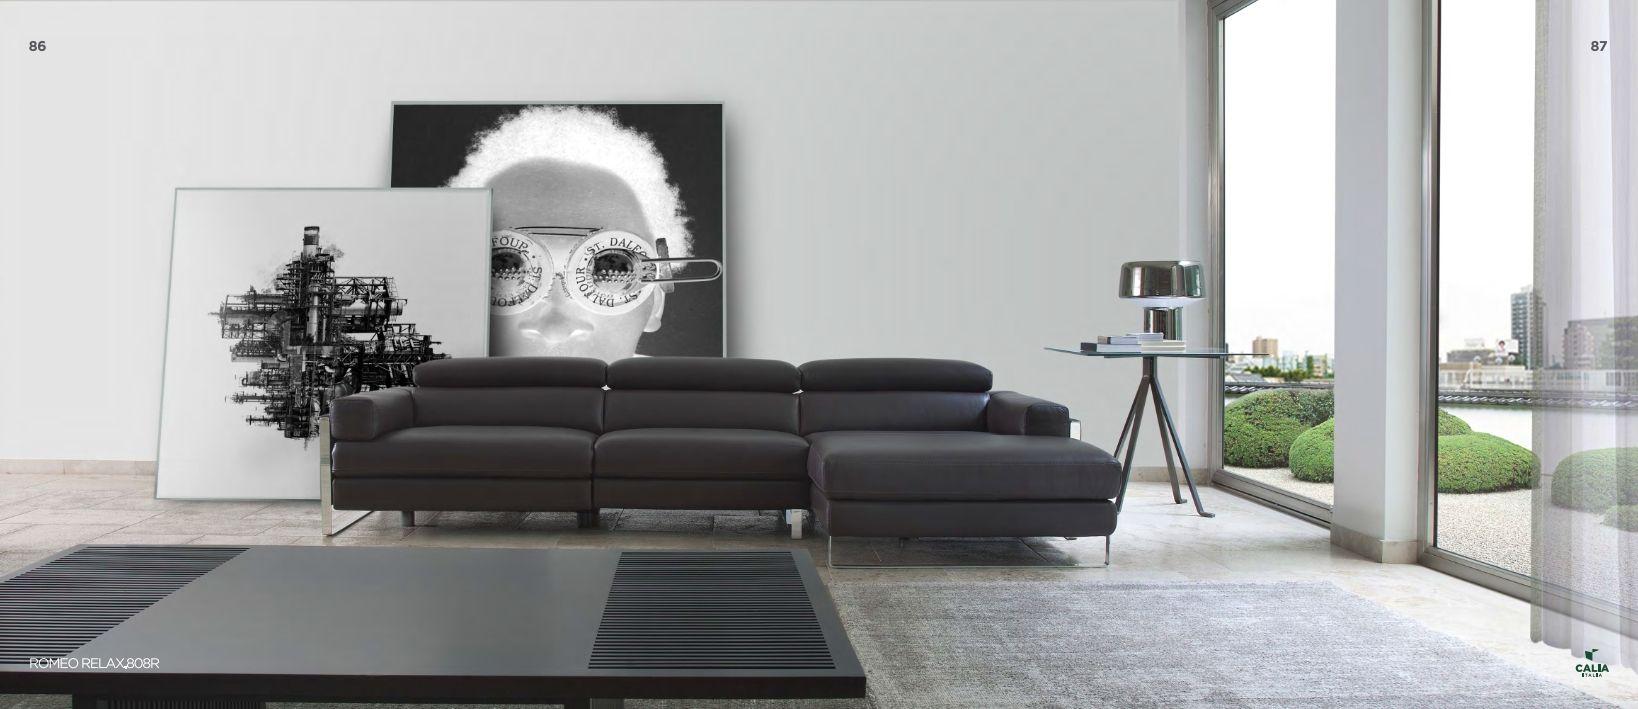 sofa sectionnel calia italia srie romeo relax 808r